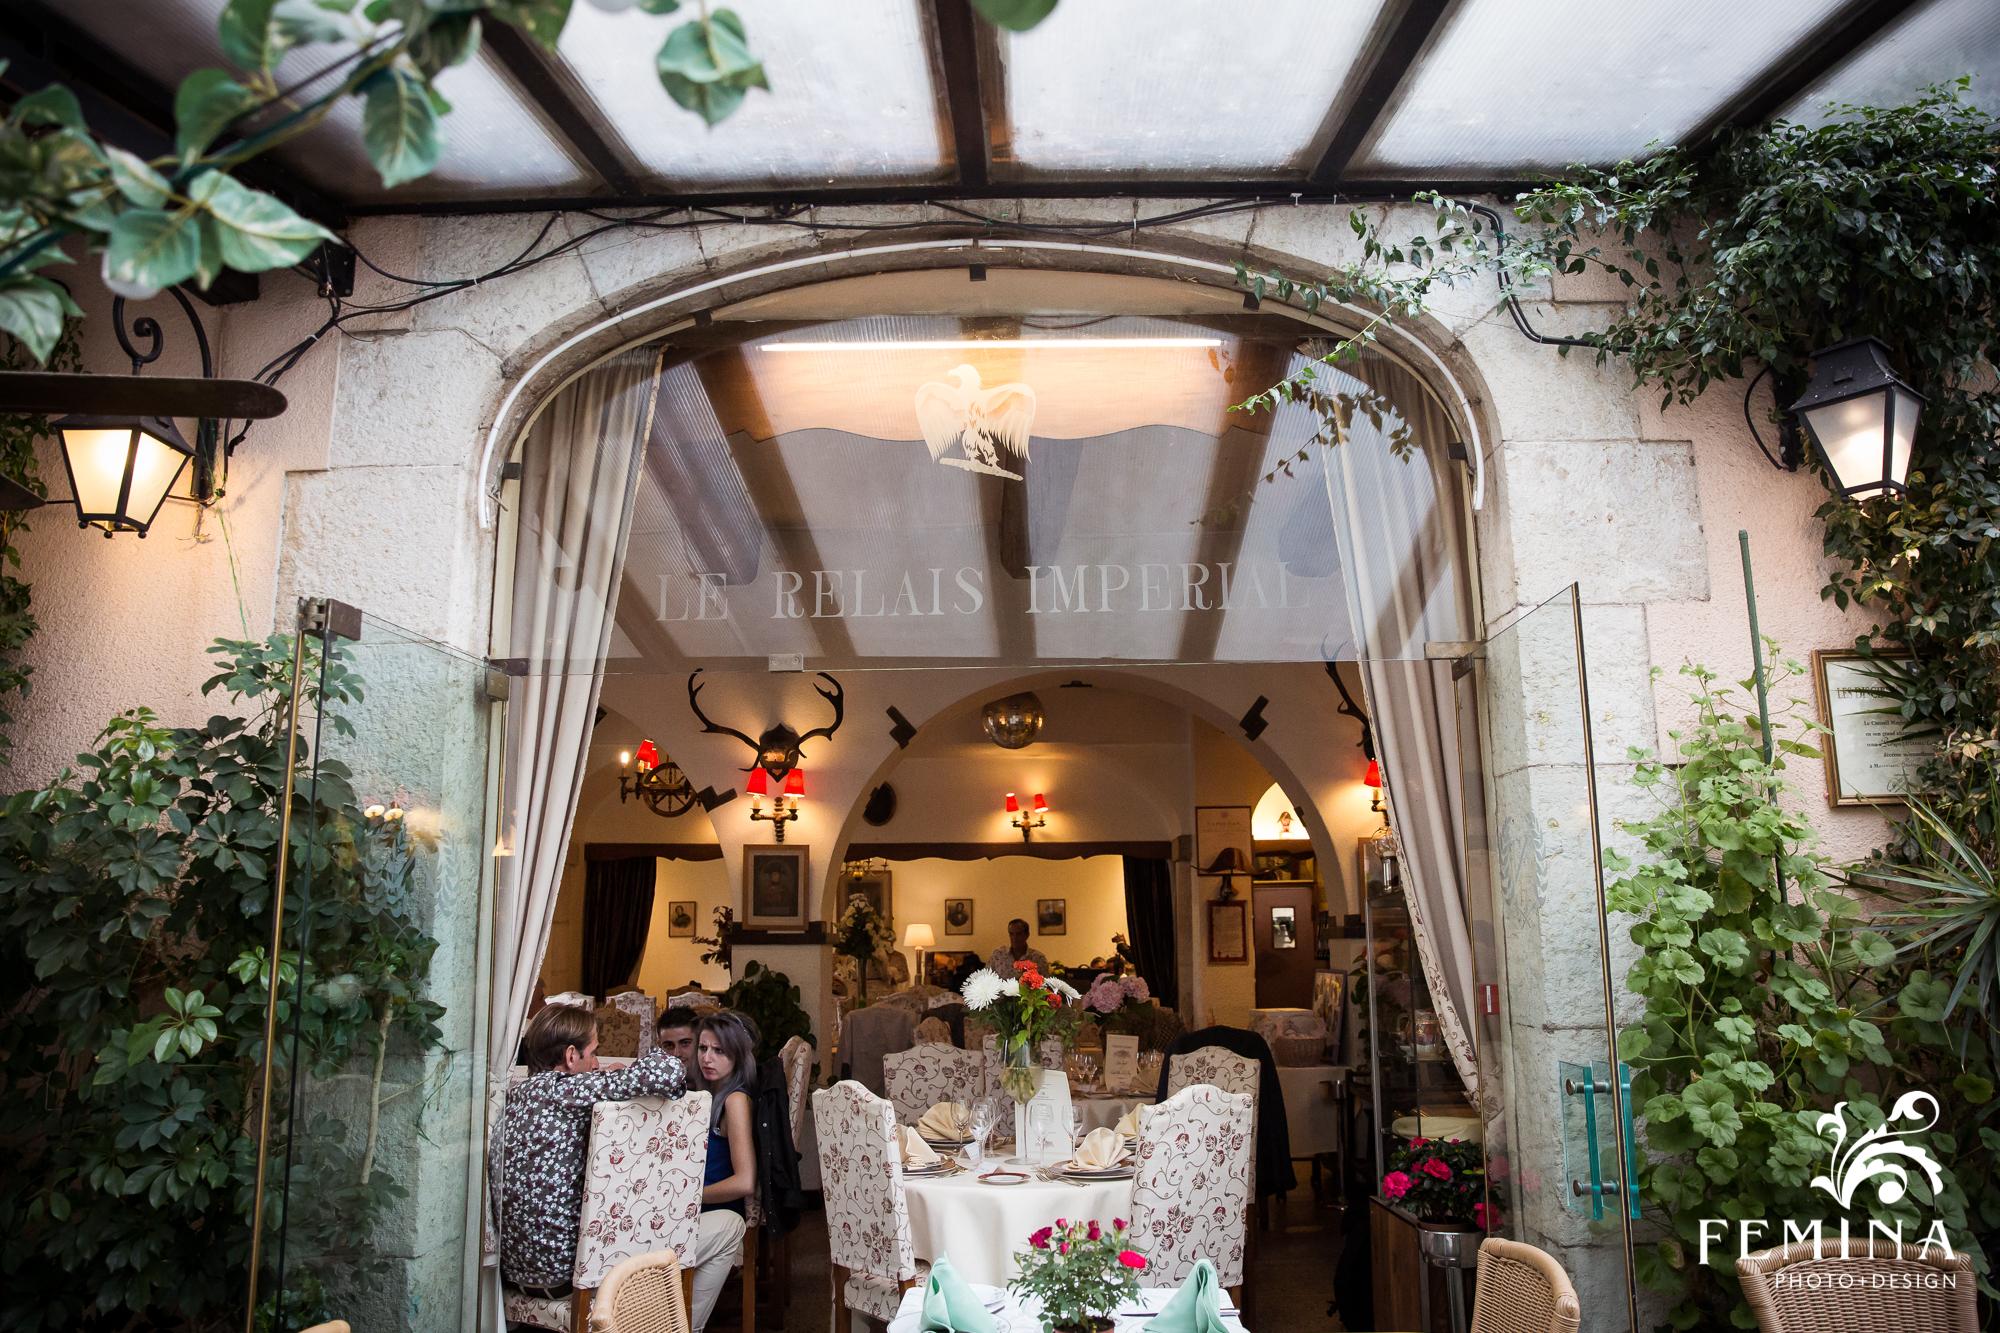 Le Relais Imperial Hotel in Saint-Vallier-de-Thiey France